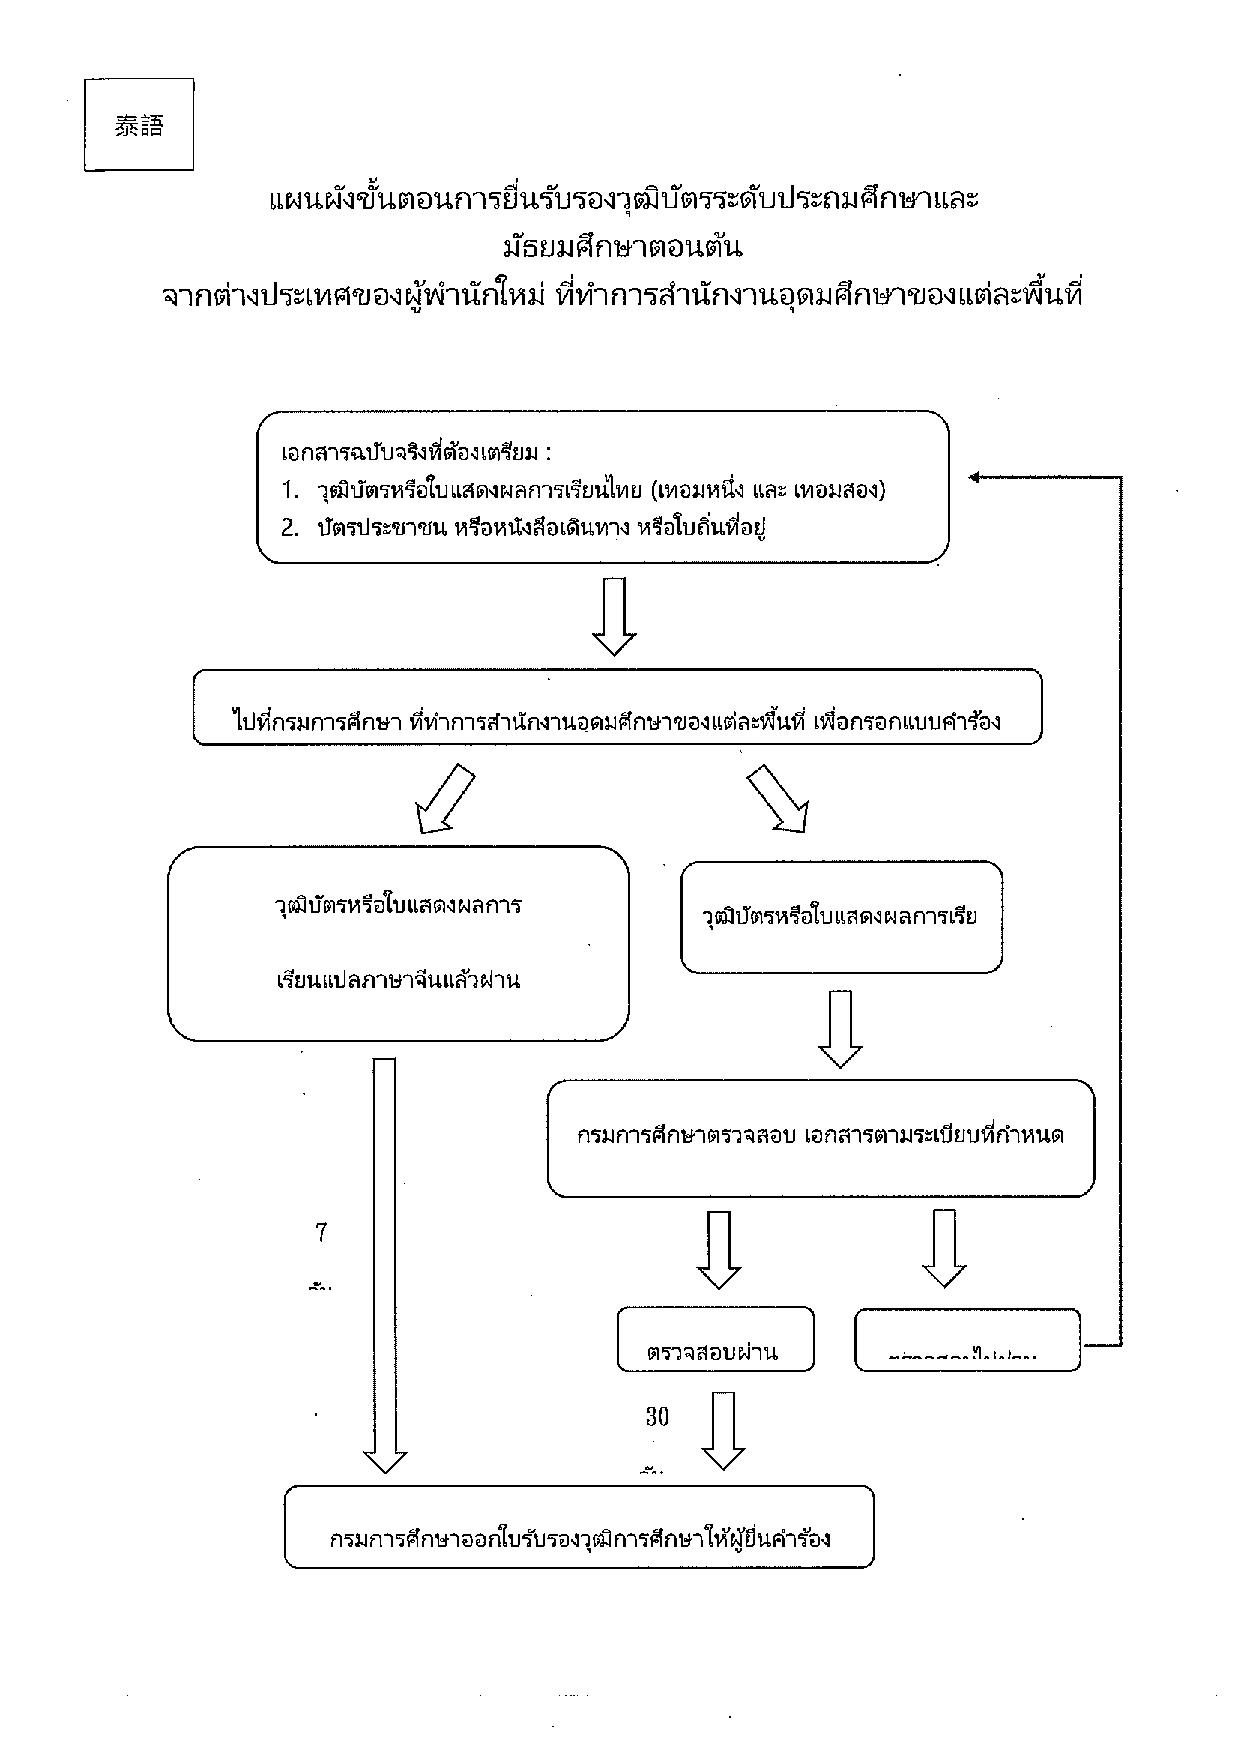 ผังงานไทย